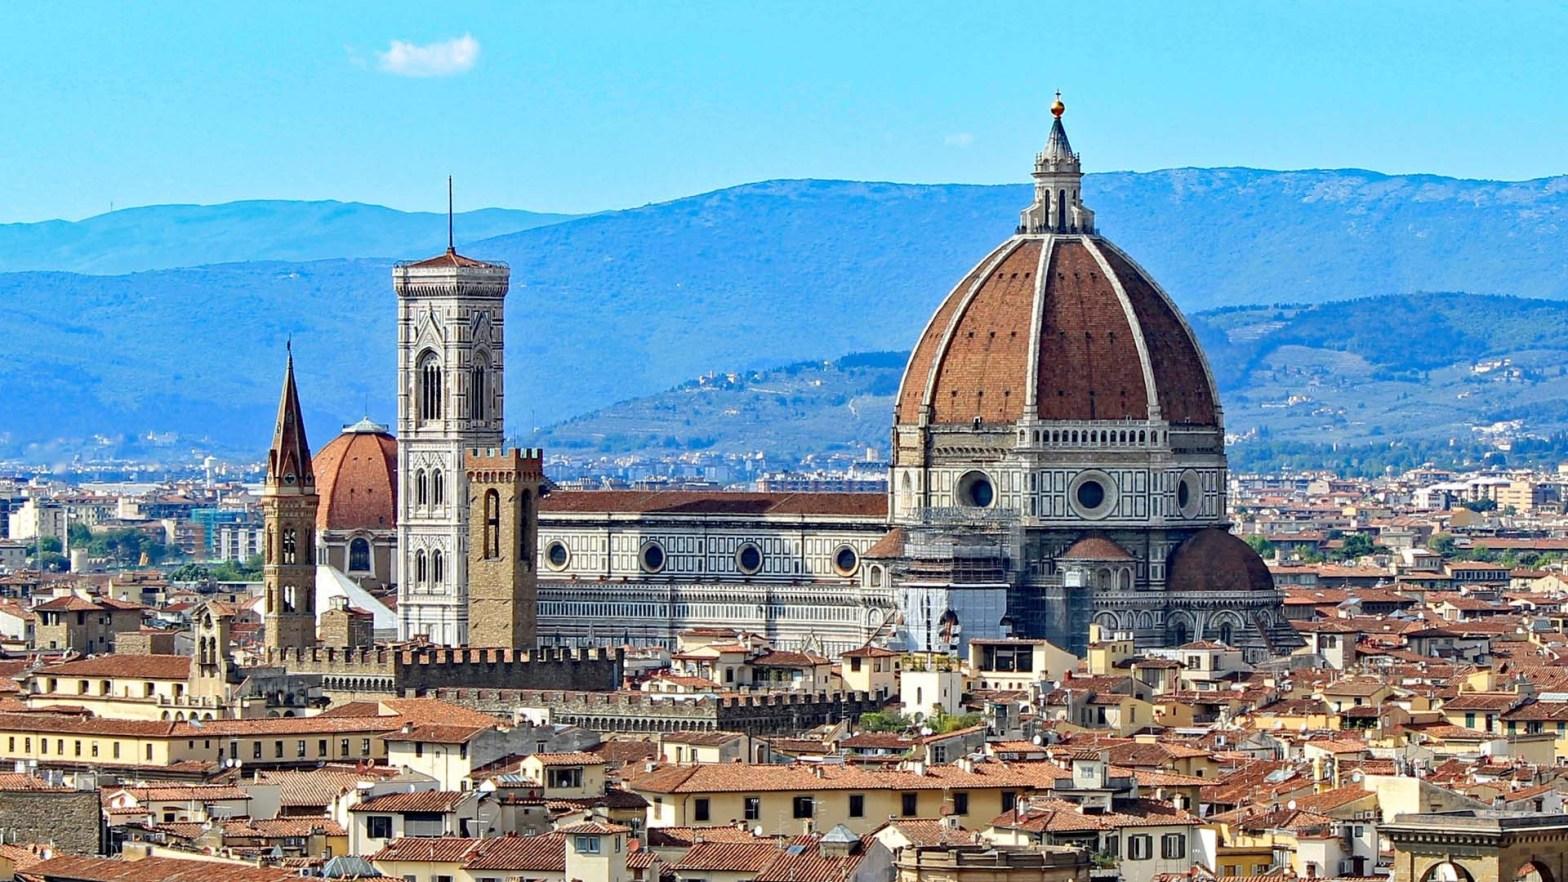 Il Duomo e la Cupola del Brunelleschi a Firenze, in Italia